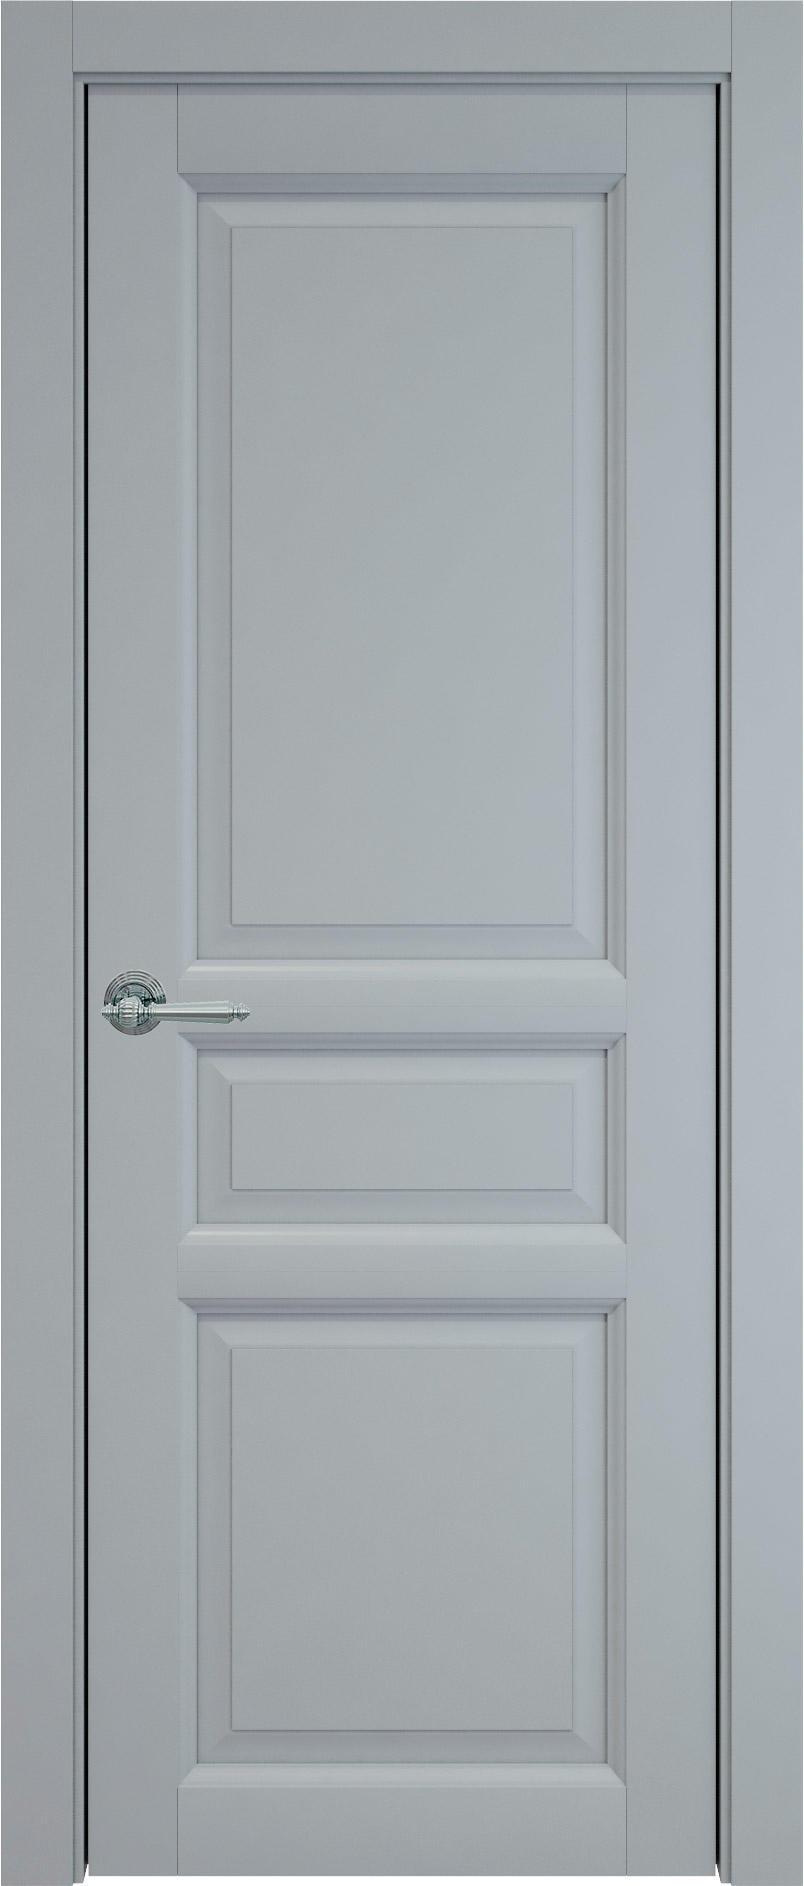 Imperia-R цвет - Серебристо-серая эмаль (RAL 7045) Без стекла (ДГ)